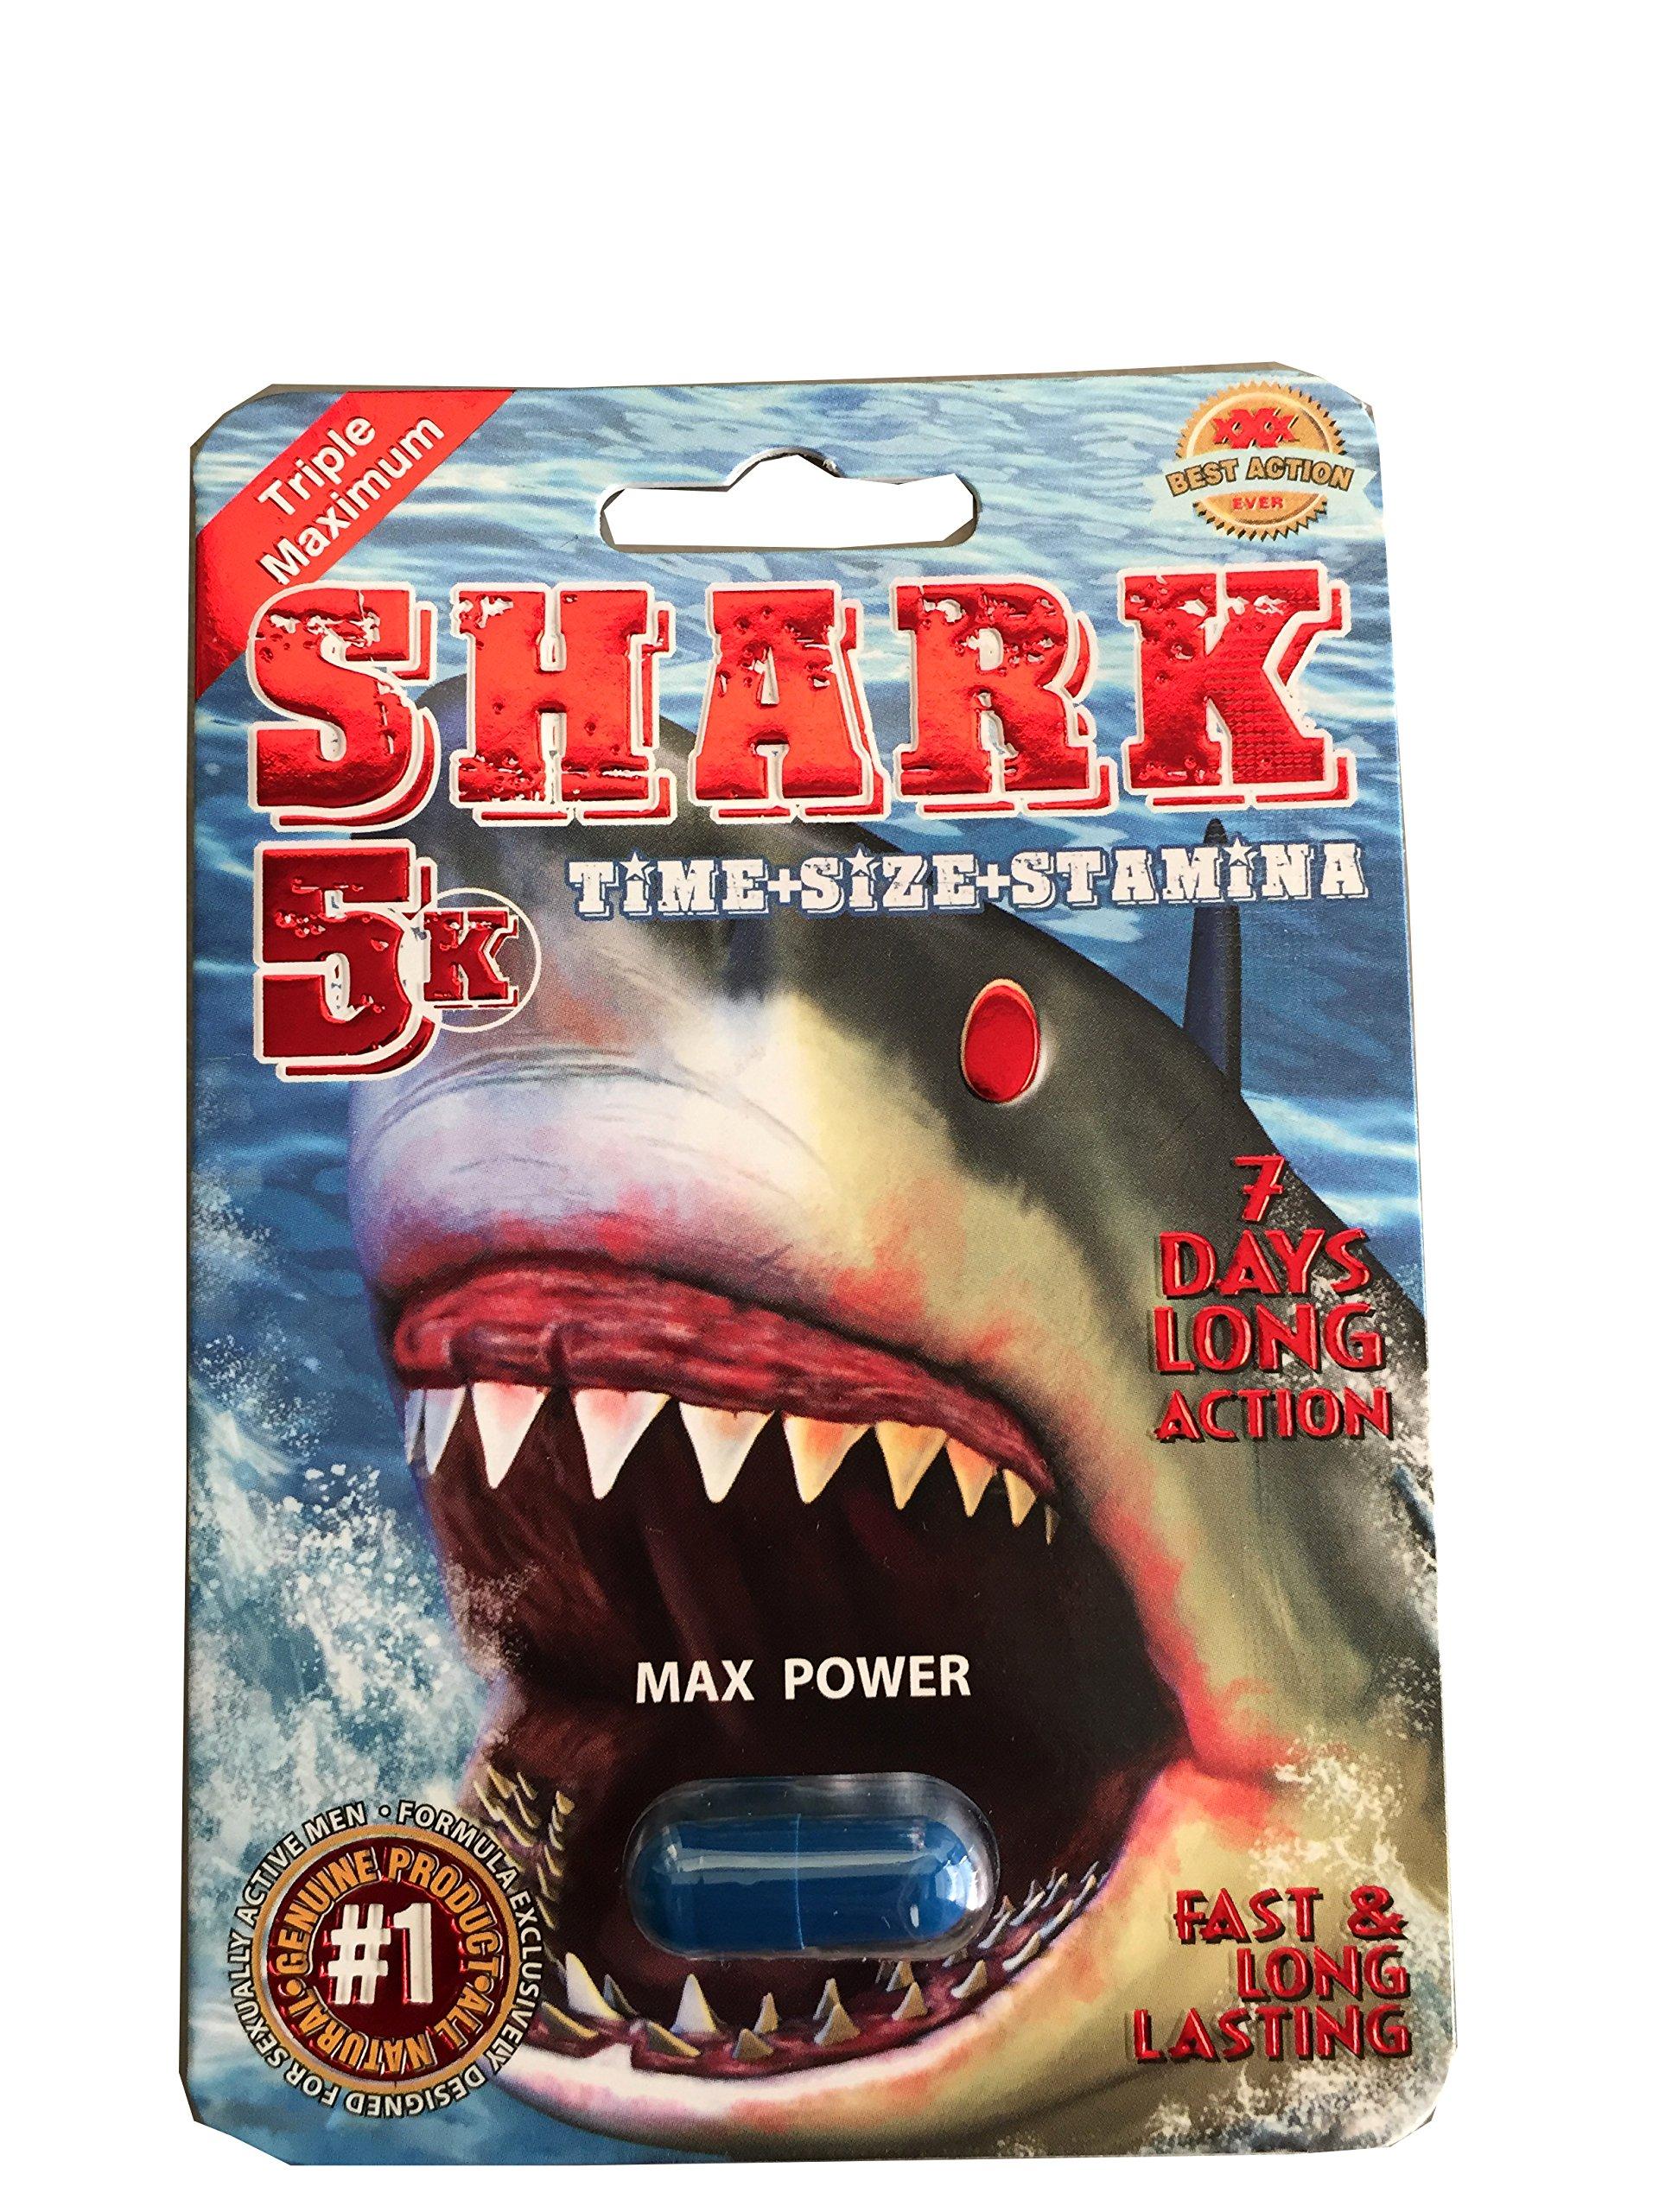 Shark 5K Triple Maximum Male Enhancement Sex Pill! 7 Days Long Action!- 24 Pills!